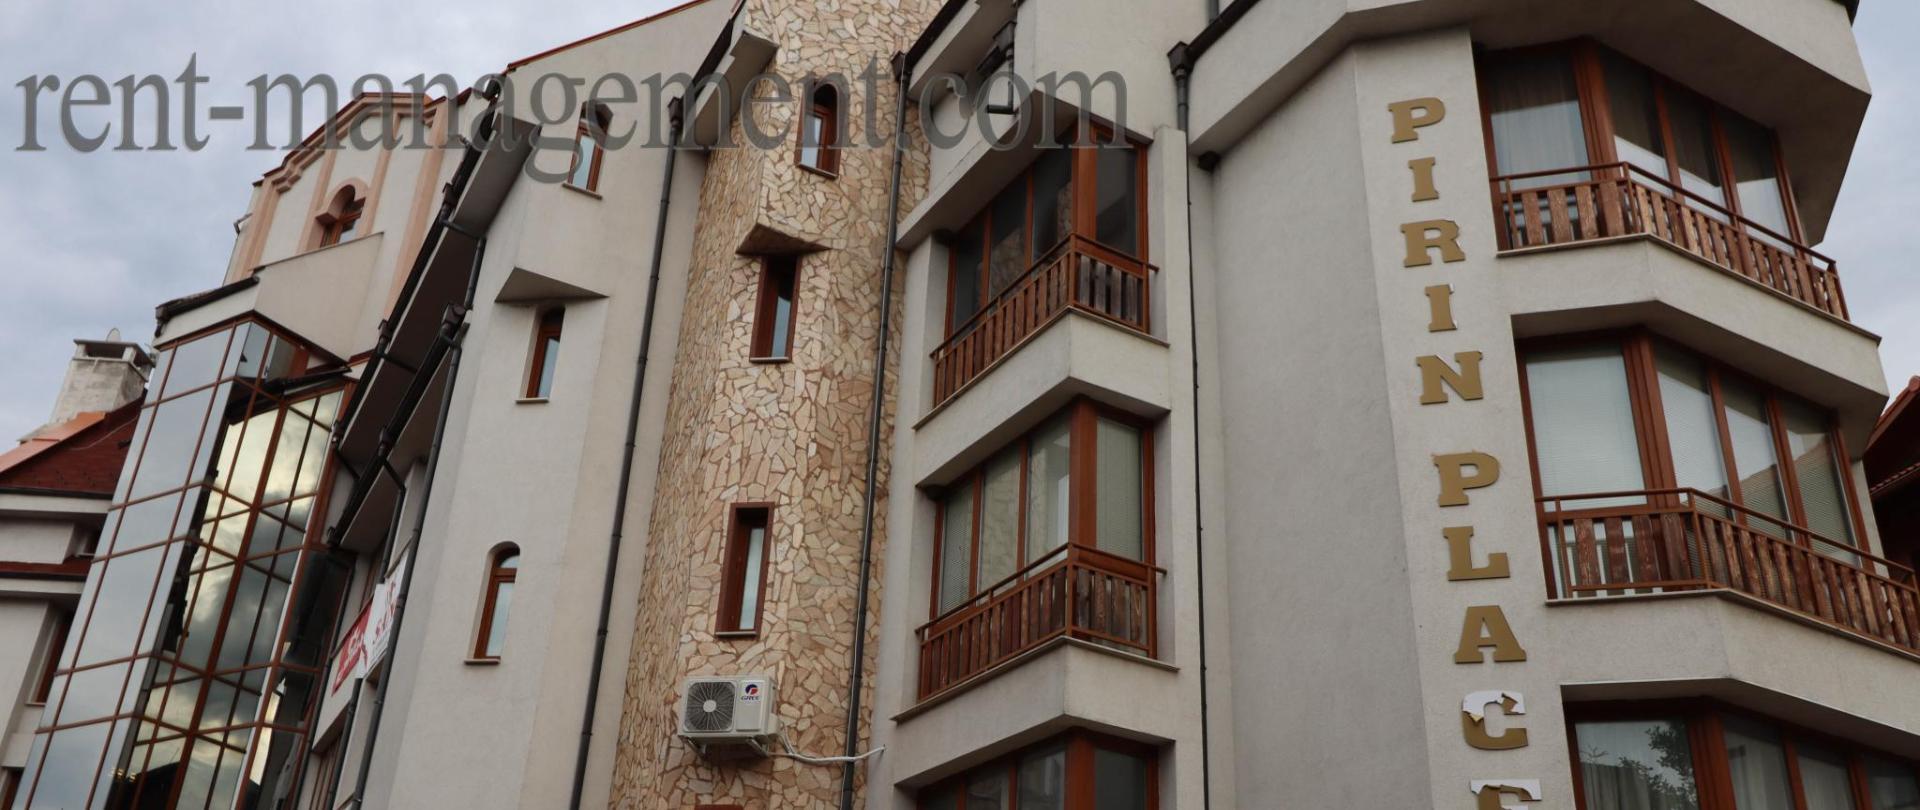 Pirin Place Bansko